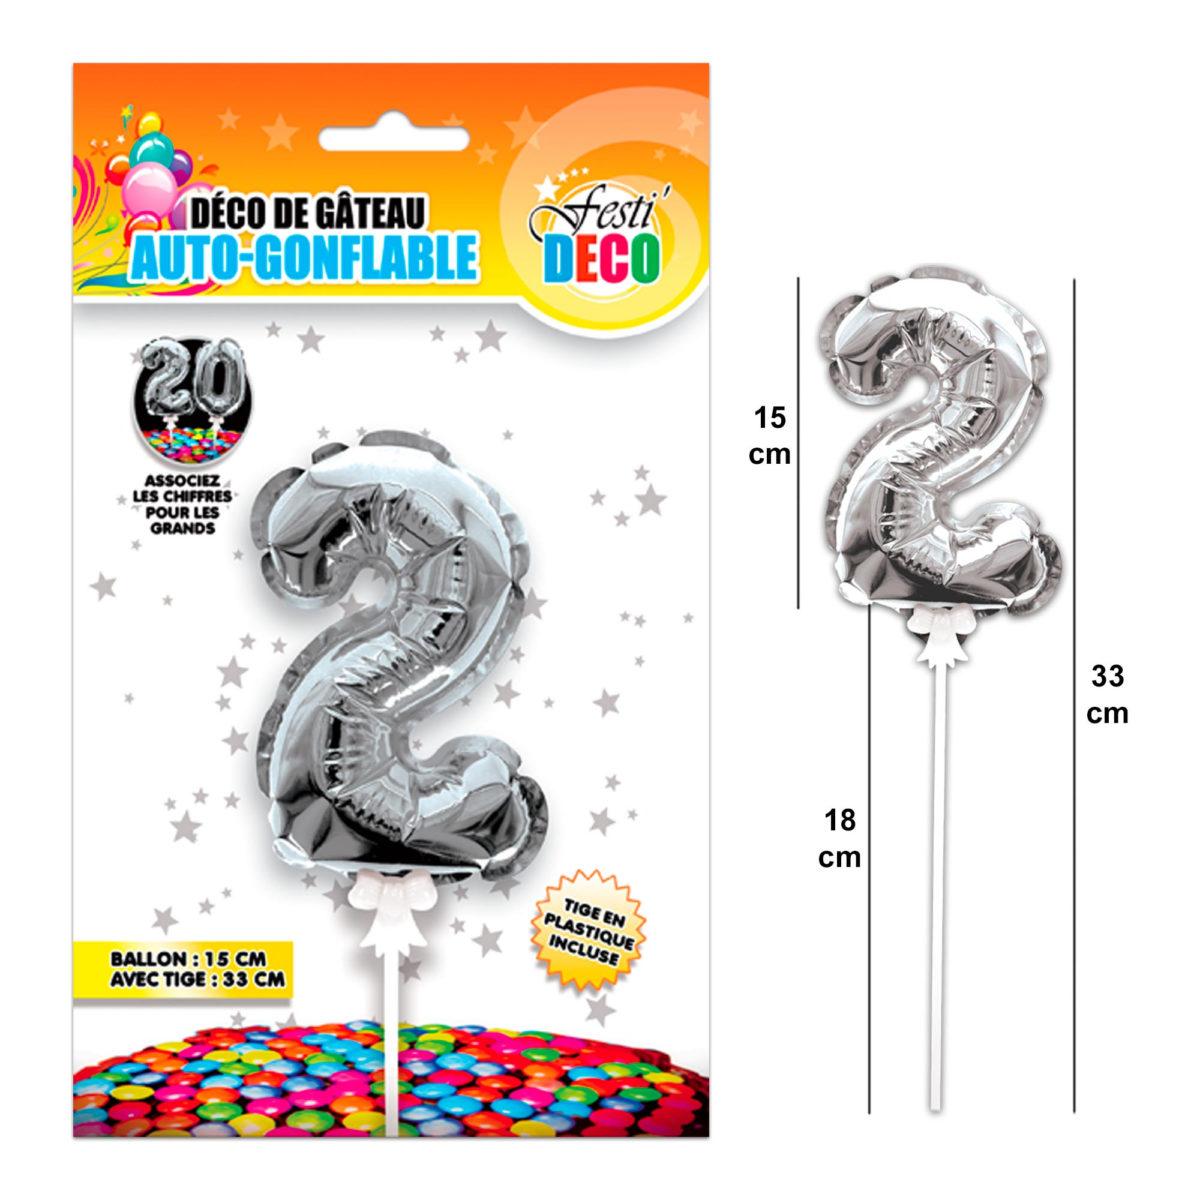 Festivitré Deco 3 Gateaux Bougie 2 Ballon